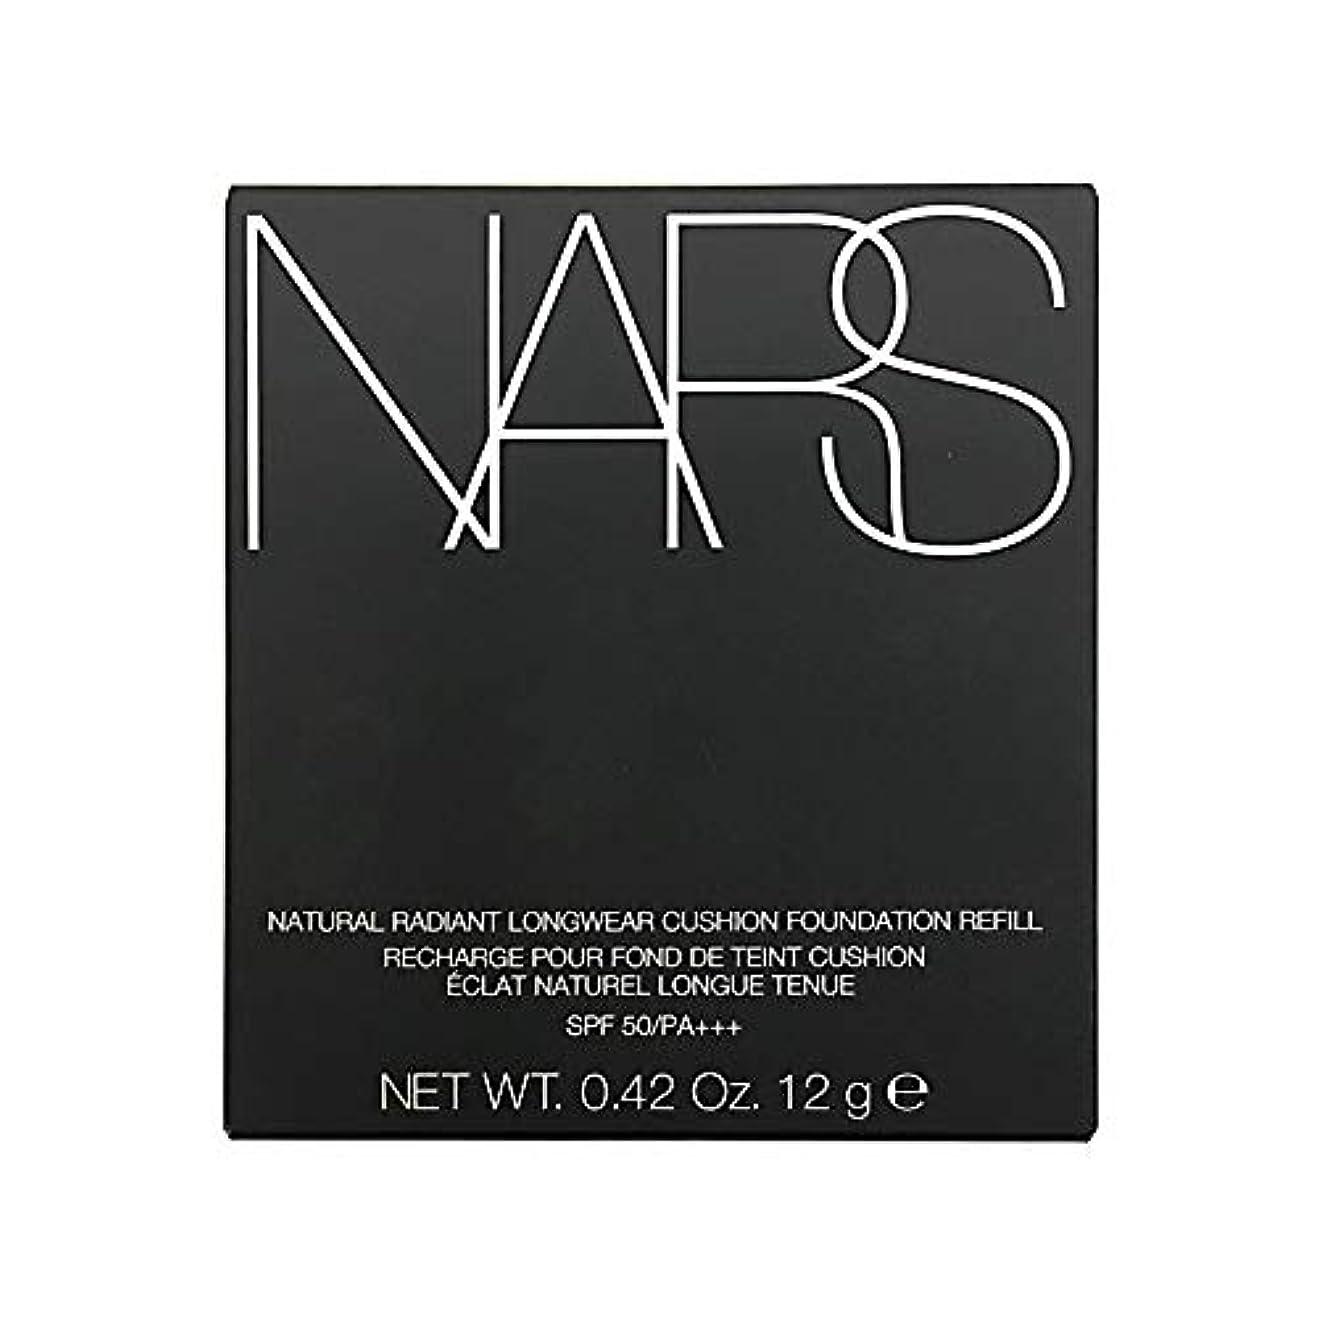 欺空洞おっとナーズ/NARS ナチュラルラディアント ロングウェア クッションファンデーション(レフィル)#5880[ クッションファンデ ] [並行輸入品]